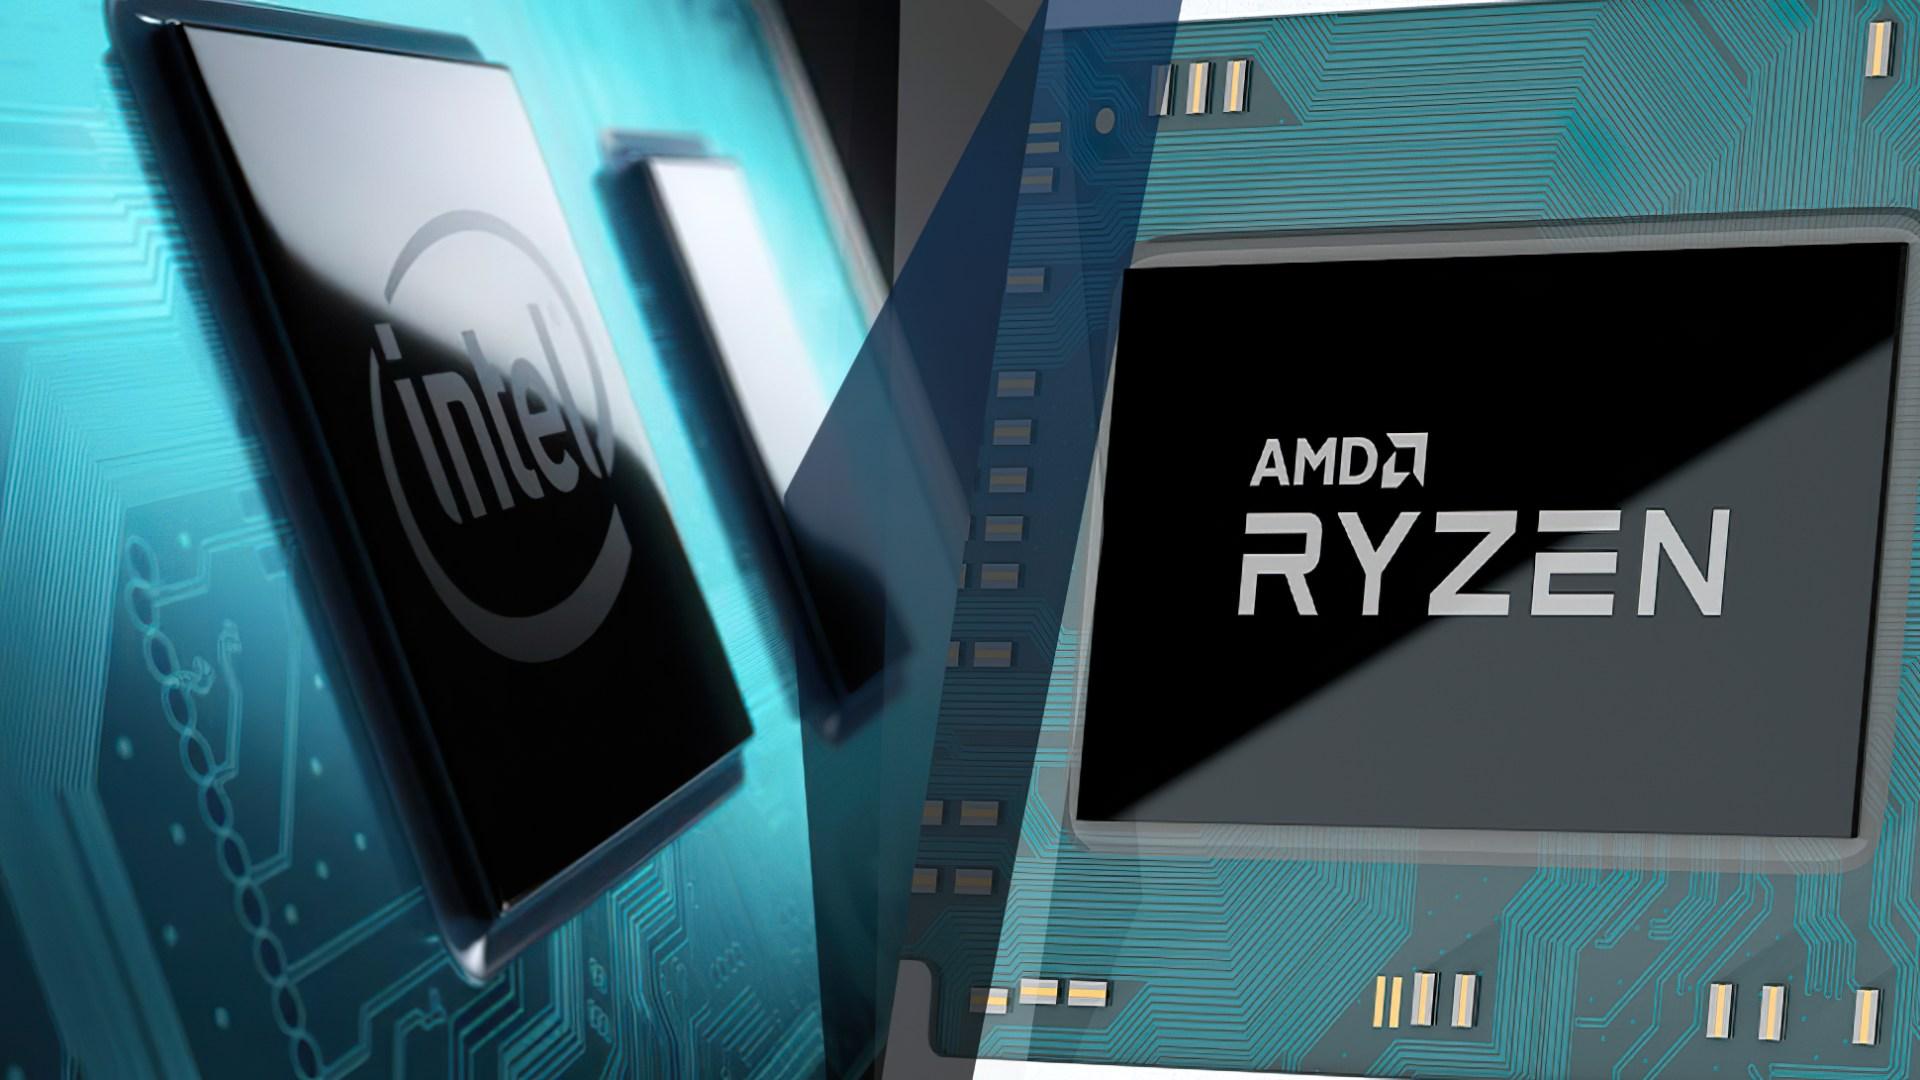 Intel, Prozessor, Logo, Cpu, Chip, Amd, Prozessoren, Ryzen, Intel Core i7, Intel Core, AMD Ryzen, Core i7, Intel Vs. AMD, Intel versus AMD, AMD vs. Intel